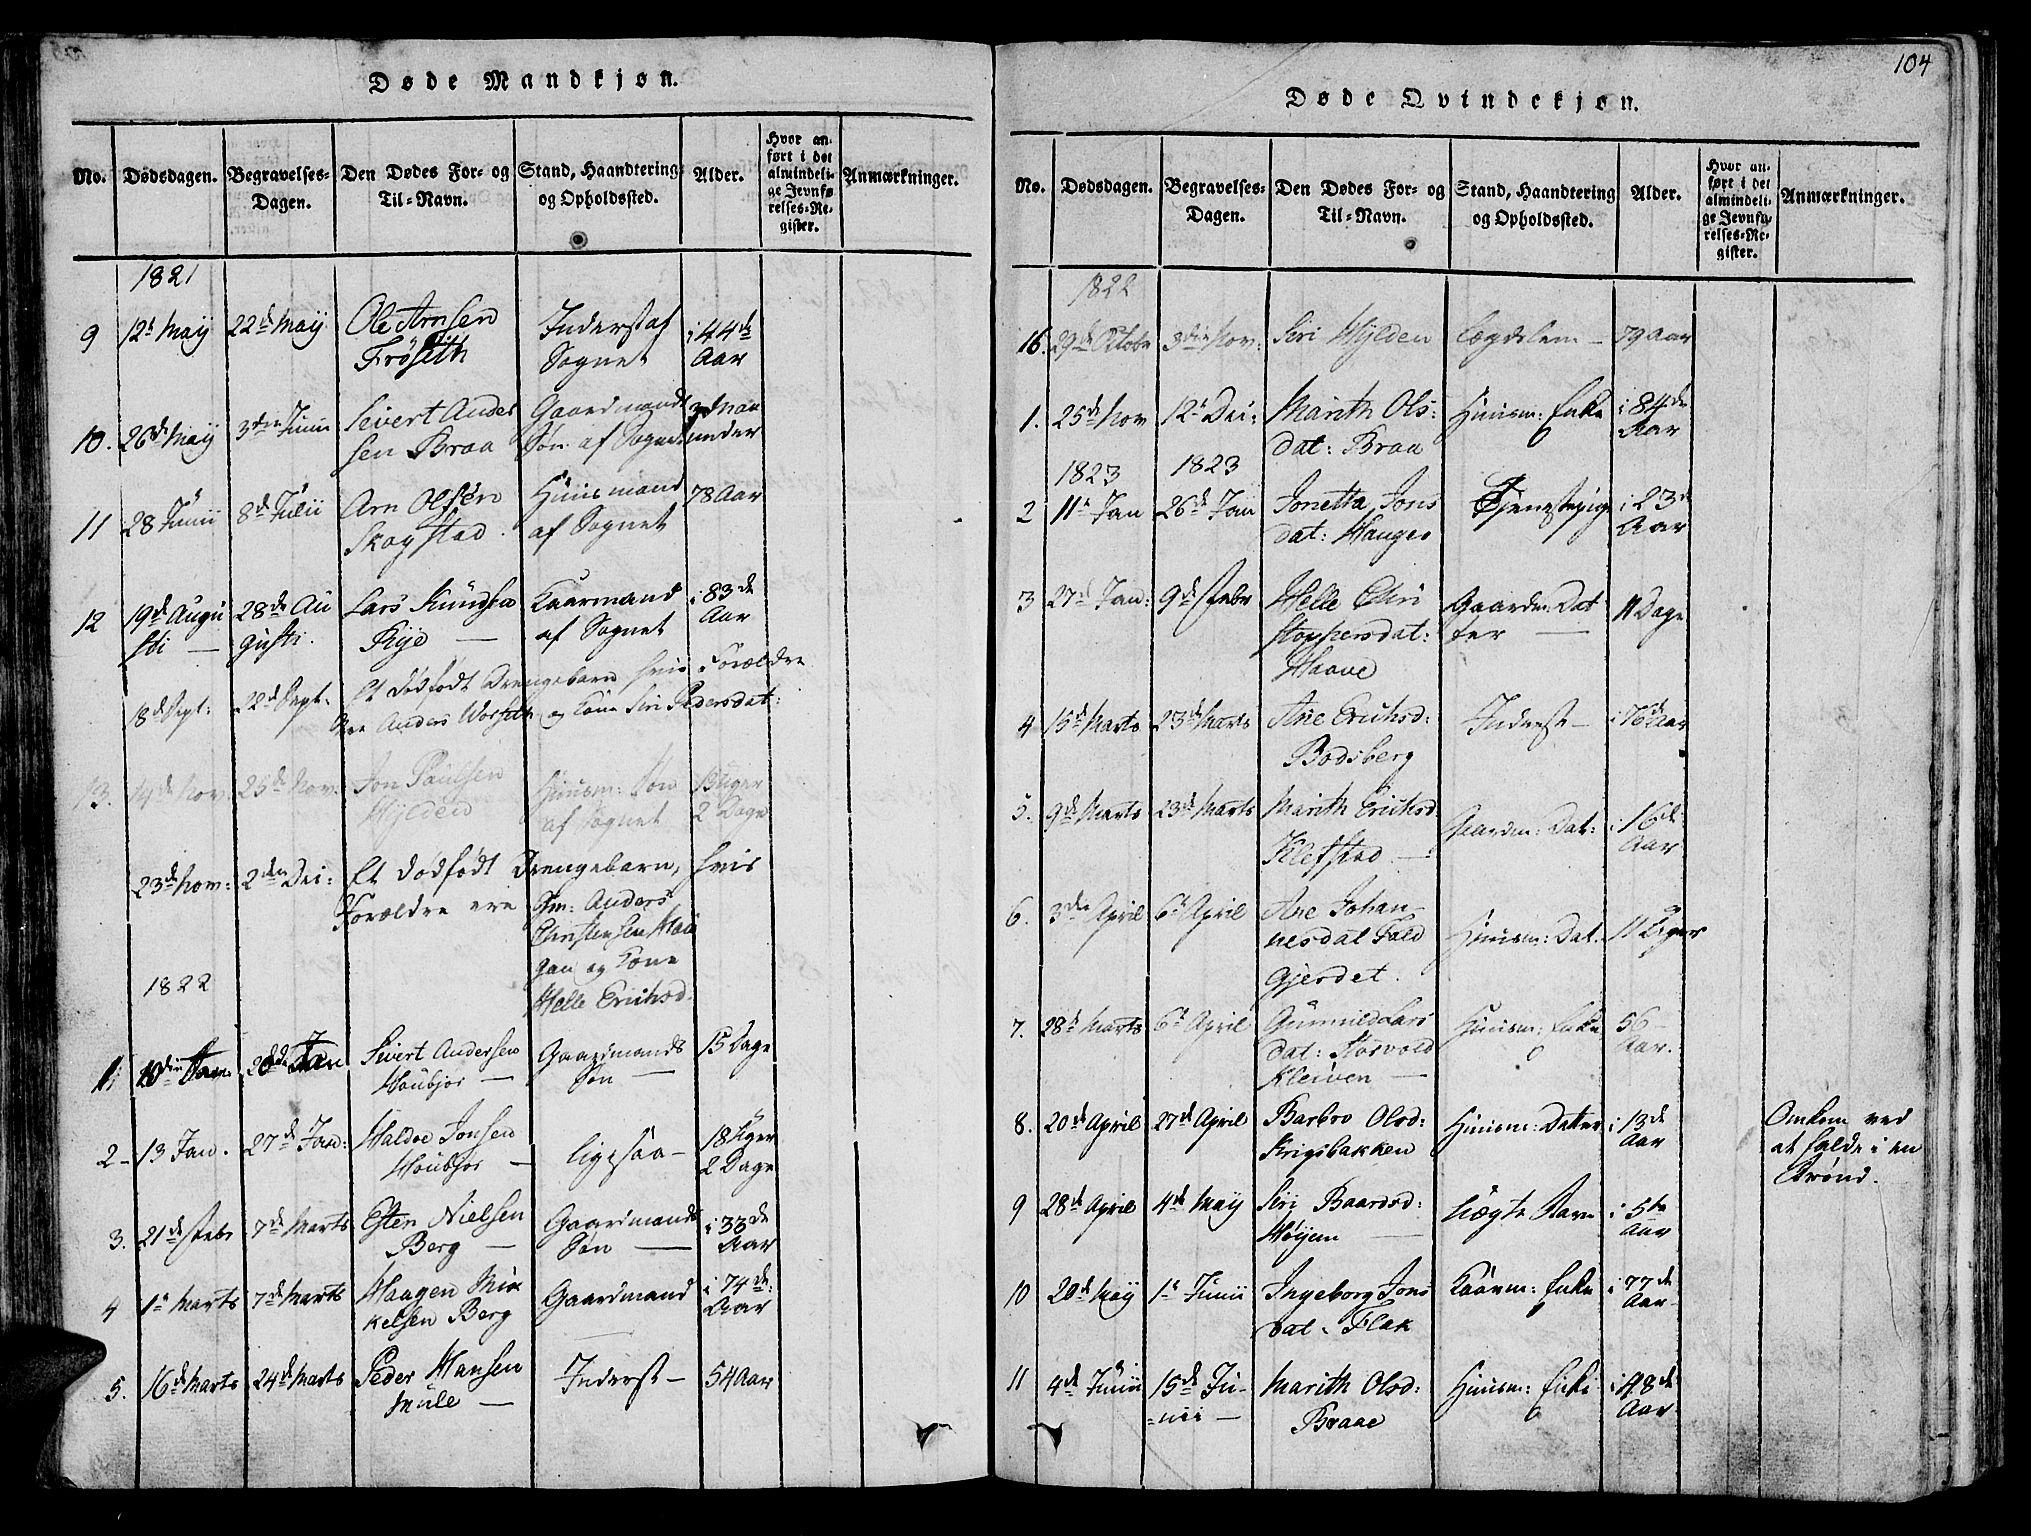 SAT, Ministerialprotokoller, klokkerbøker og fødselsregistre - Sør-Trøndelag, 612/L0372: Ministerialbok nr. 612A06 /1, 1816-1828, s. 104